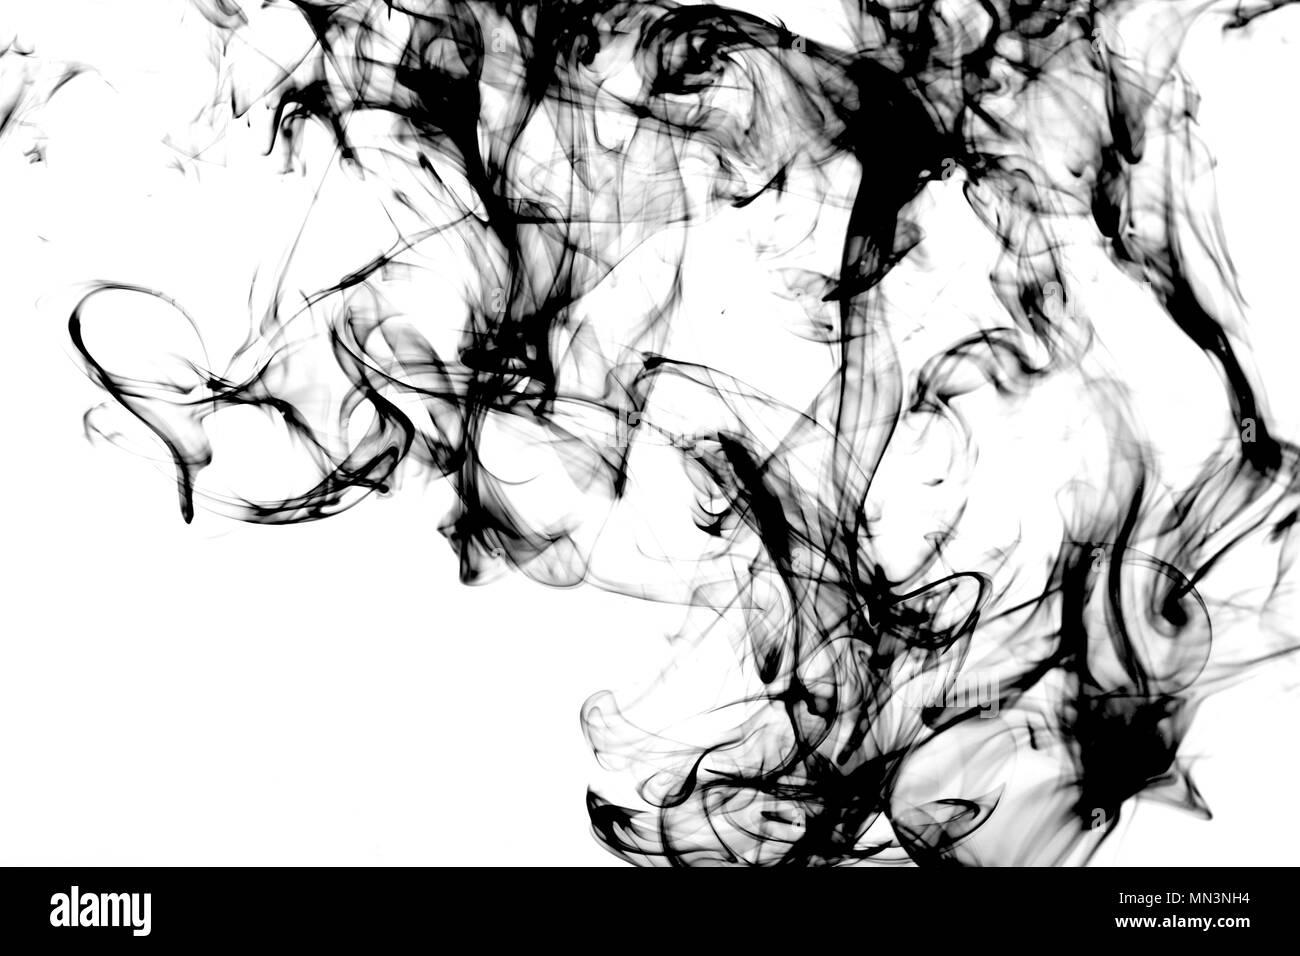 Abstracción de colores sobre un fondo blanco, iluminación de estudio Imagen De Stock